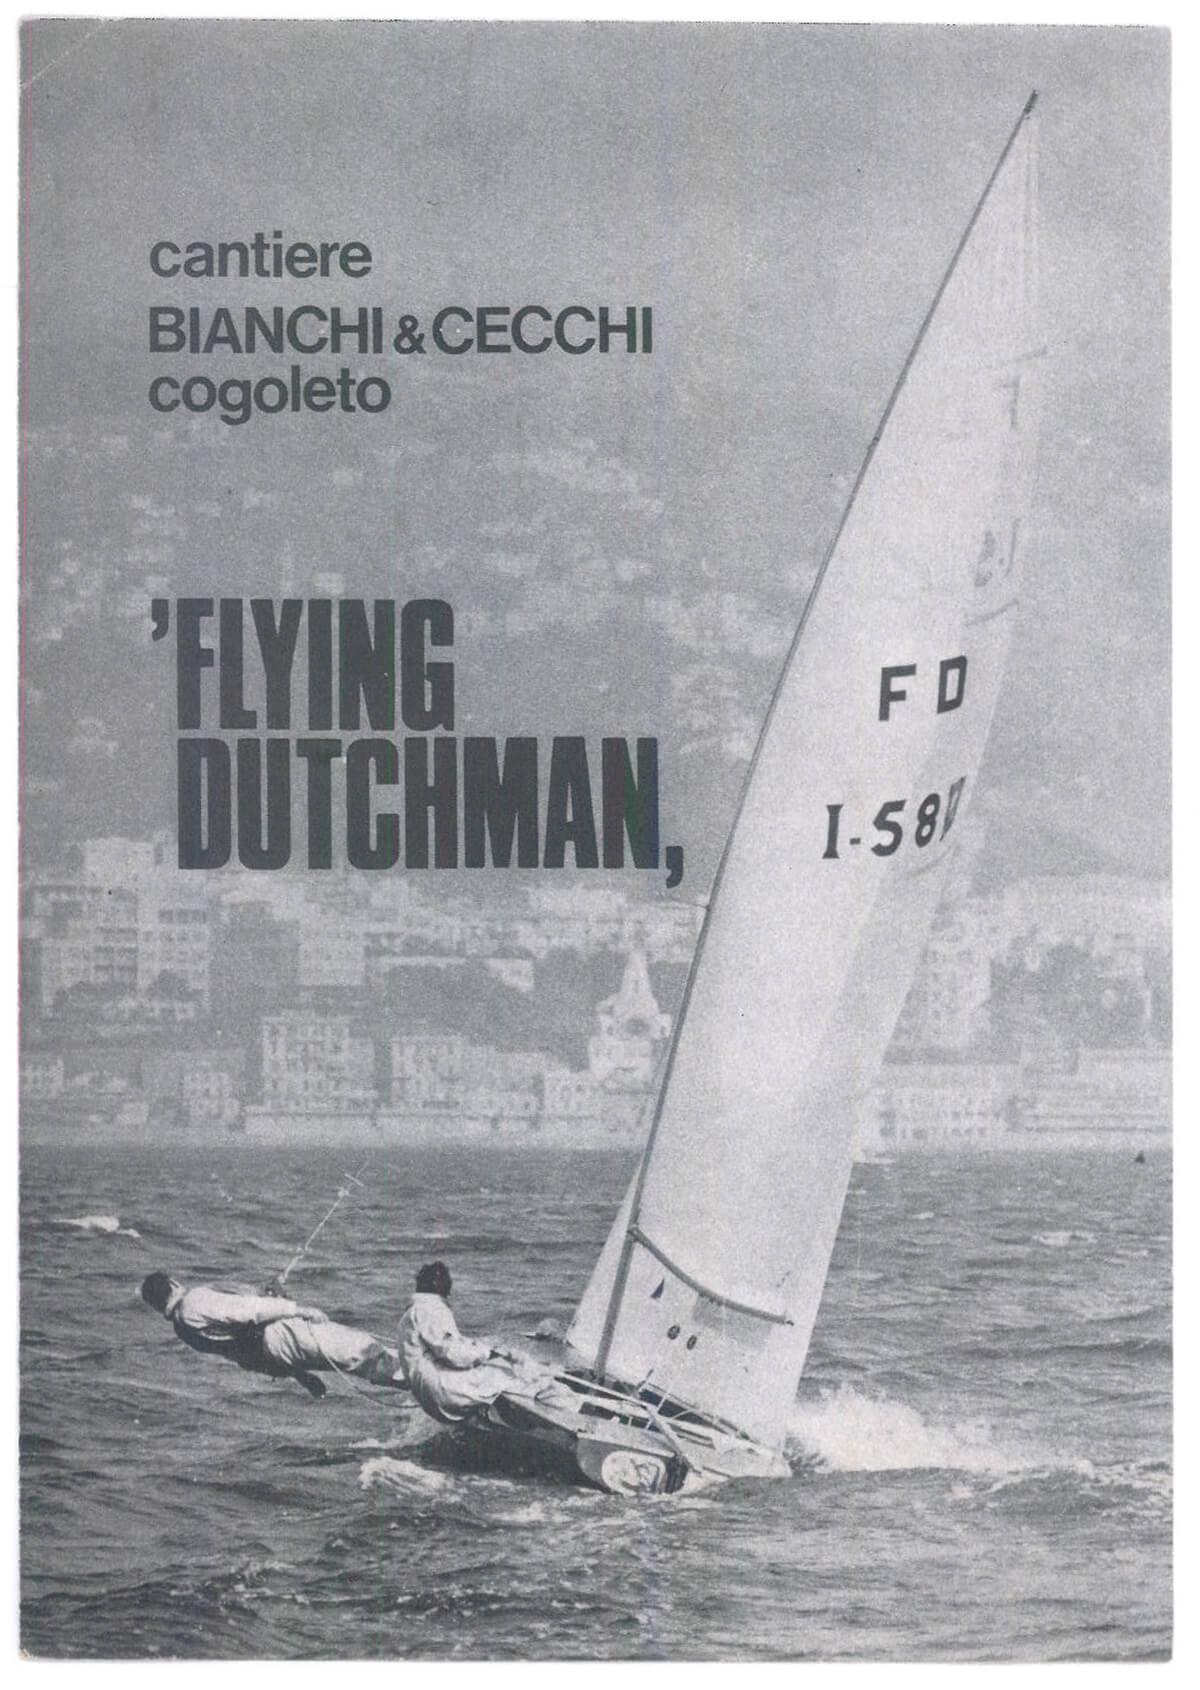 Bianchi & Cecchi, Olimpiadi di Mosca 1980